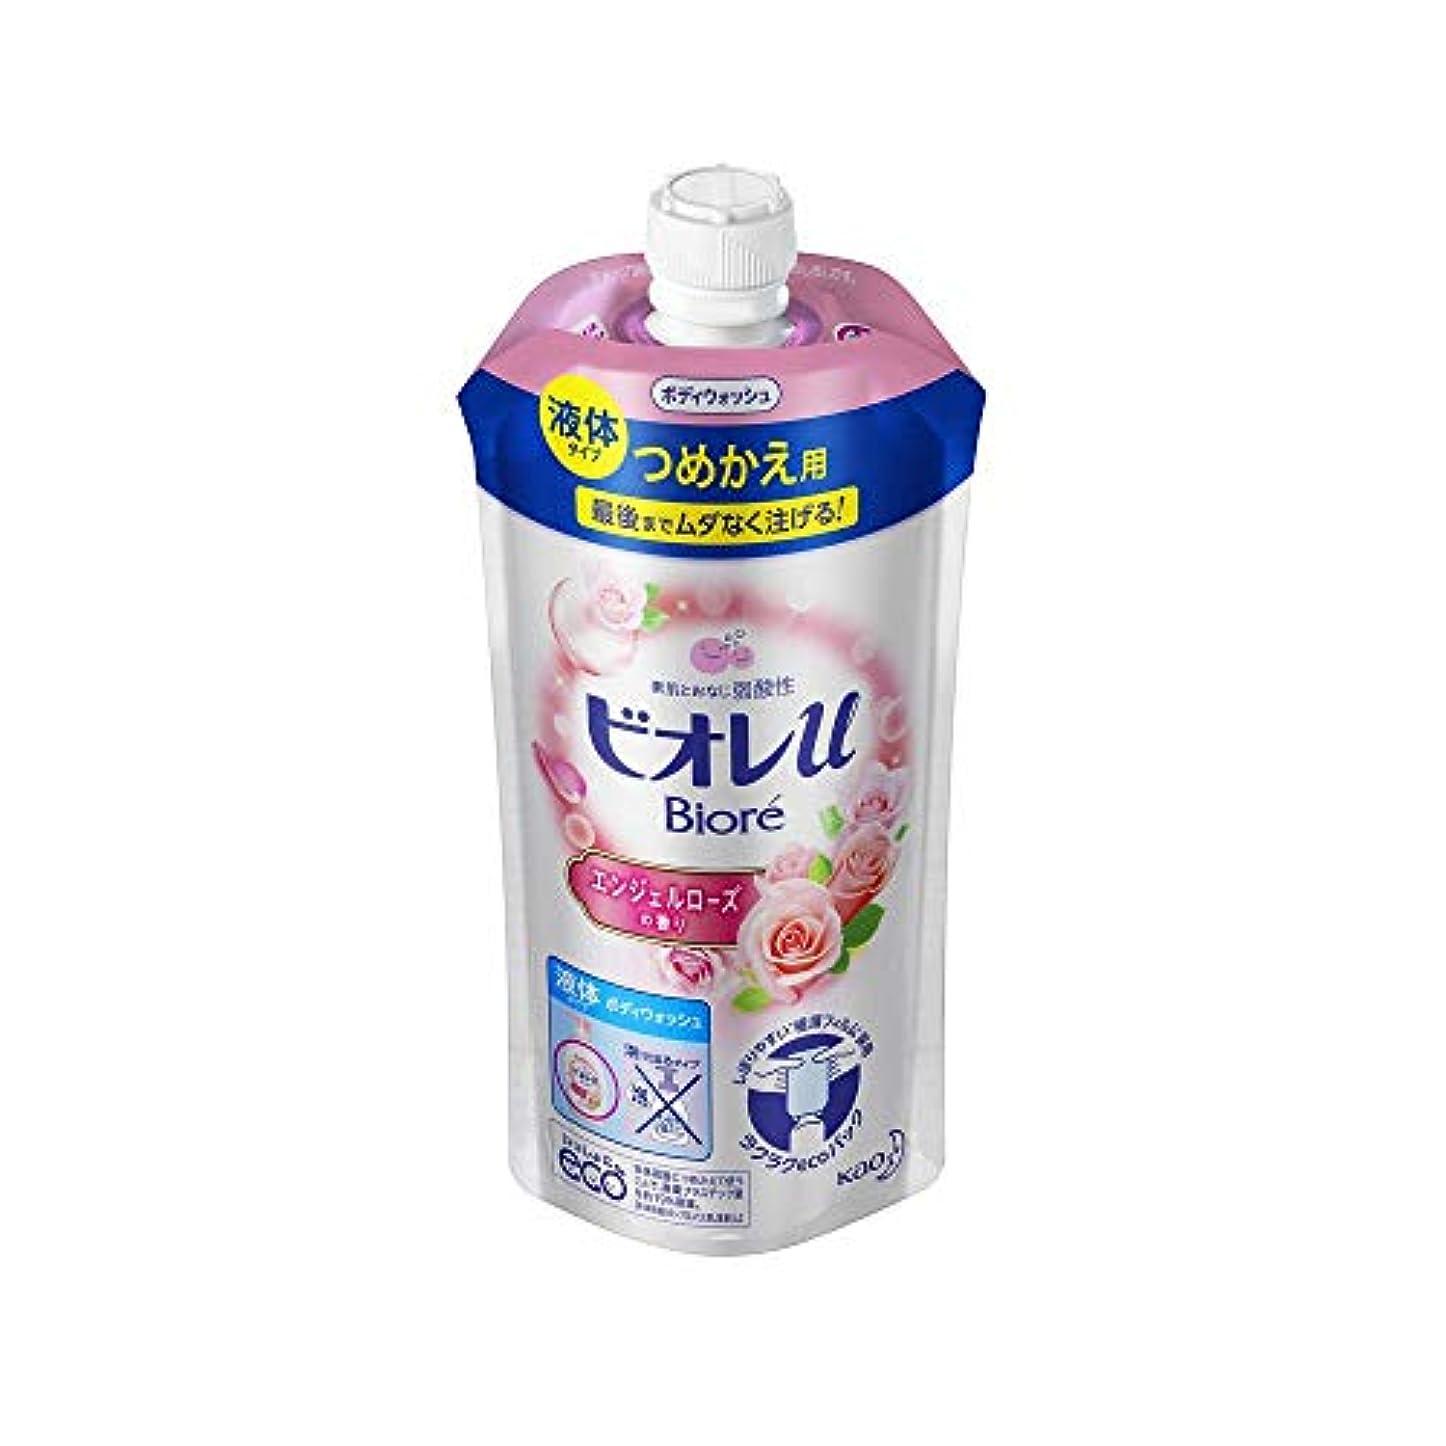 塩いたずらクリーク花王 ビオレu エンジェルローズの香りつめかえ用 340ML